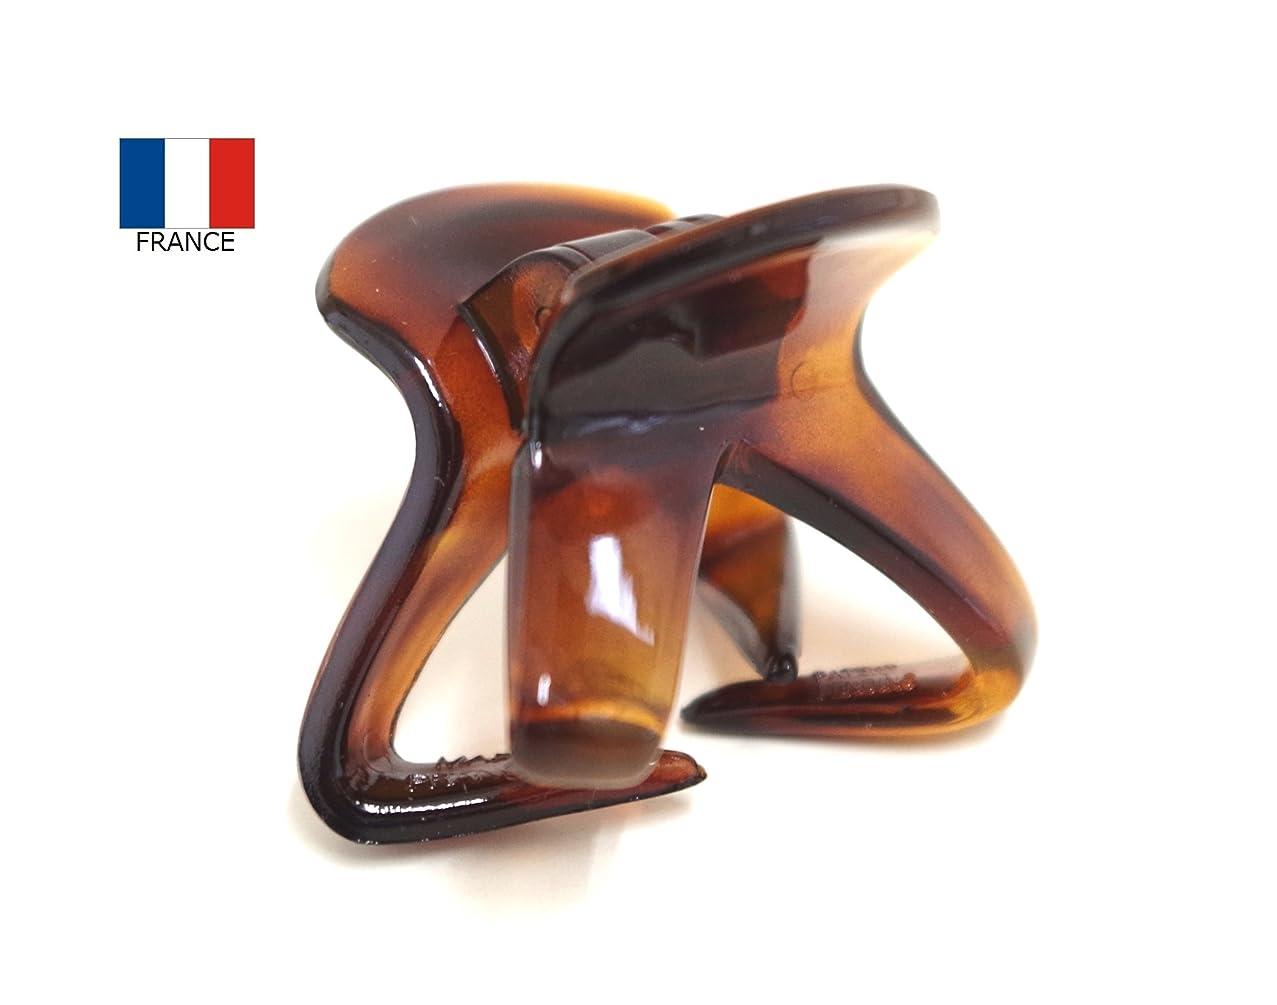 静かな暴露両方フランス製ミニオクトパスバンスクリップ【ヘアアクセサリー】NO.863 (ベッコウ)